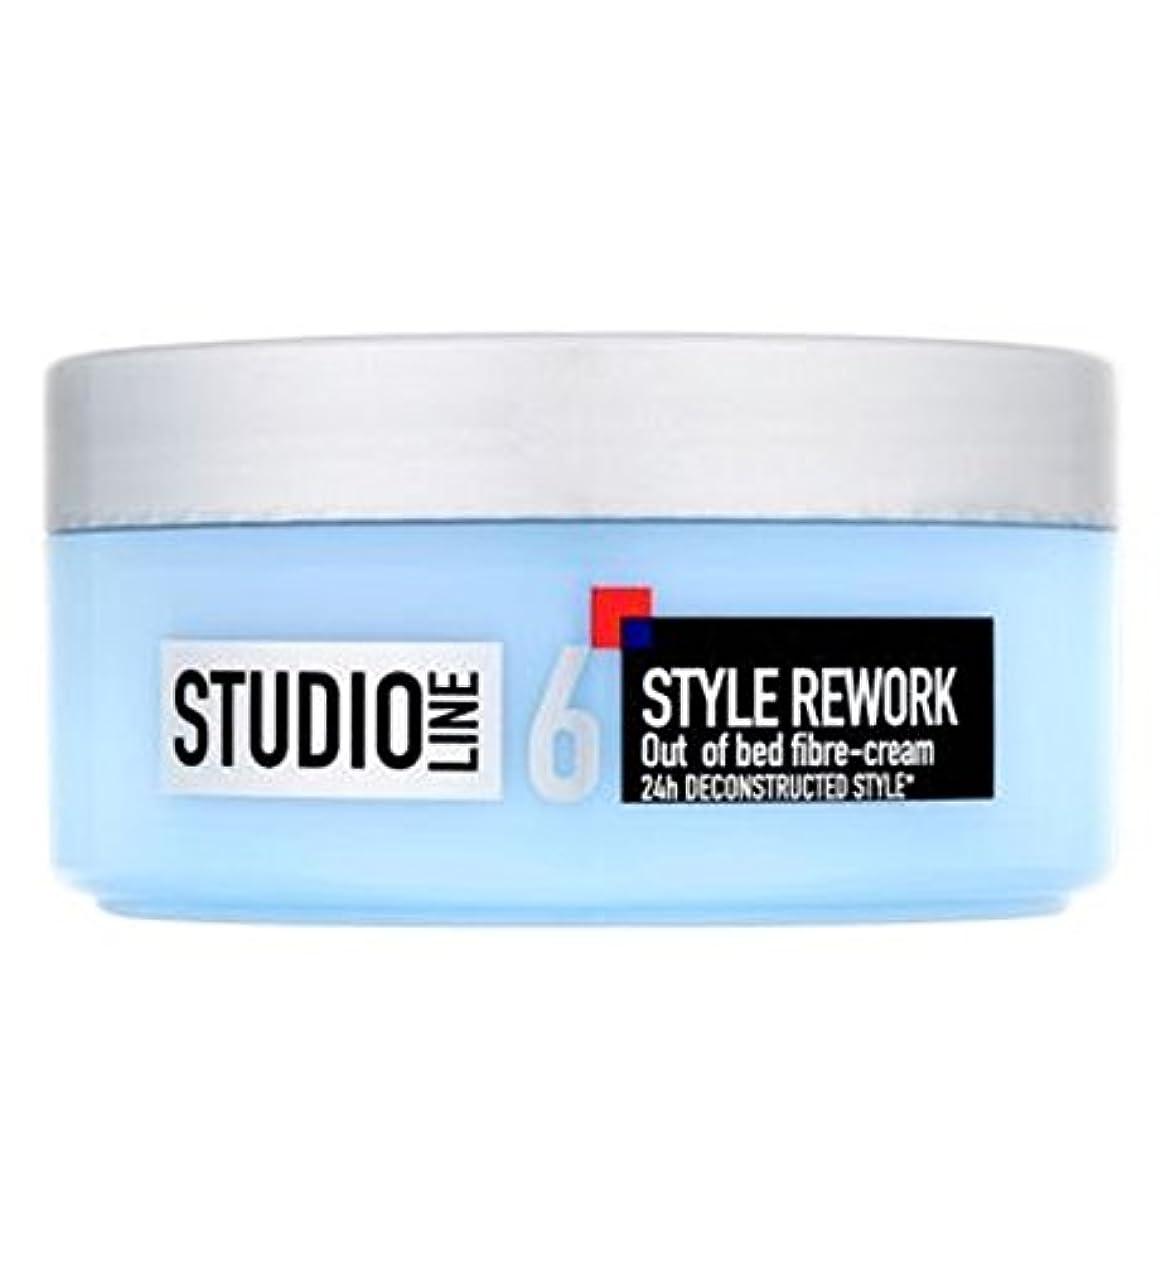 おもてなし費やすL'Oreall Studio Line Style Rework Out of Bed Fibre-Cream 150ml - ベッドファイバークリーム150ミリリットルのうちL'Oreallスタジオ線スタイルリワーク...